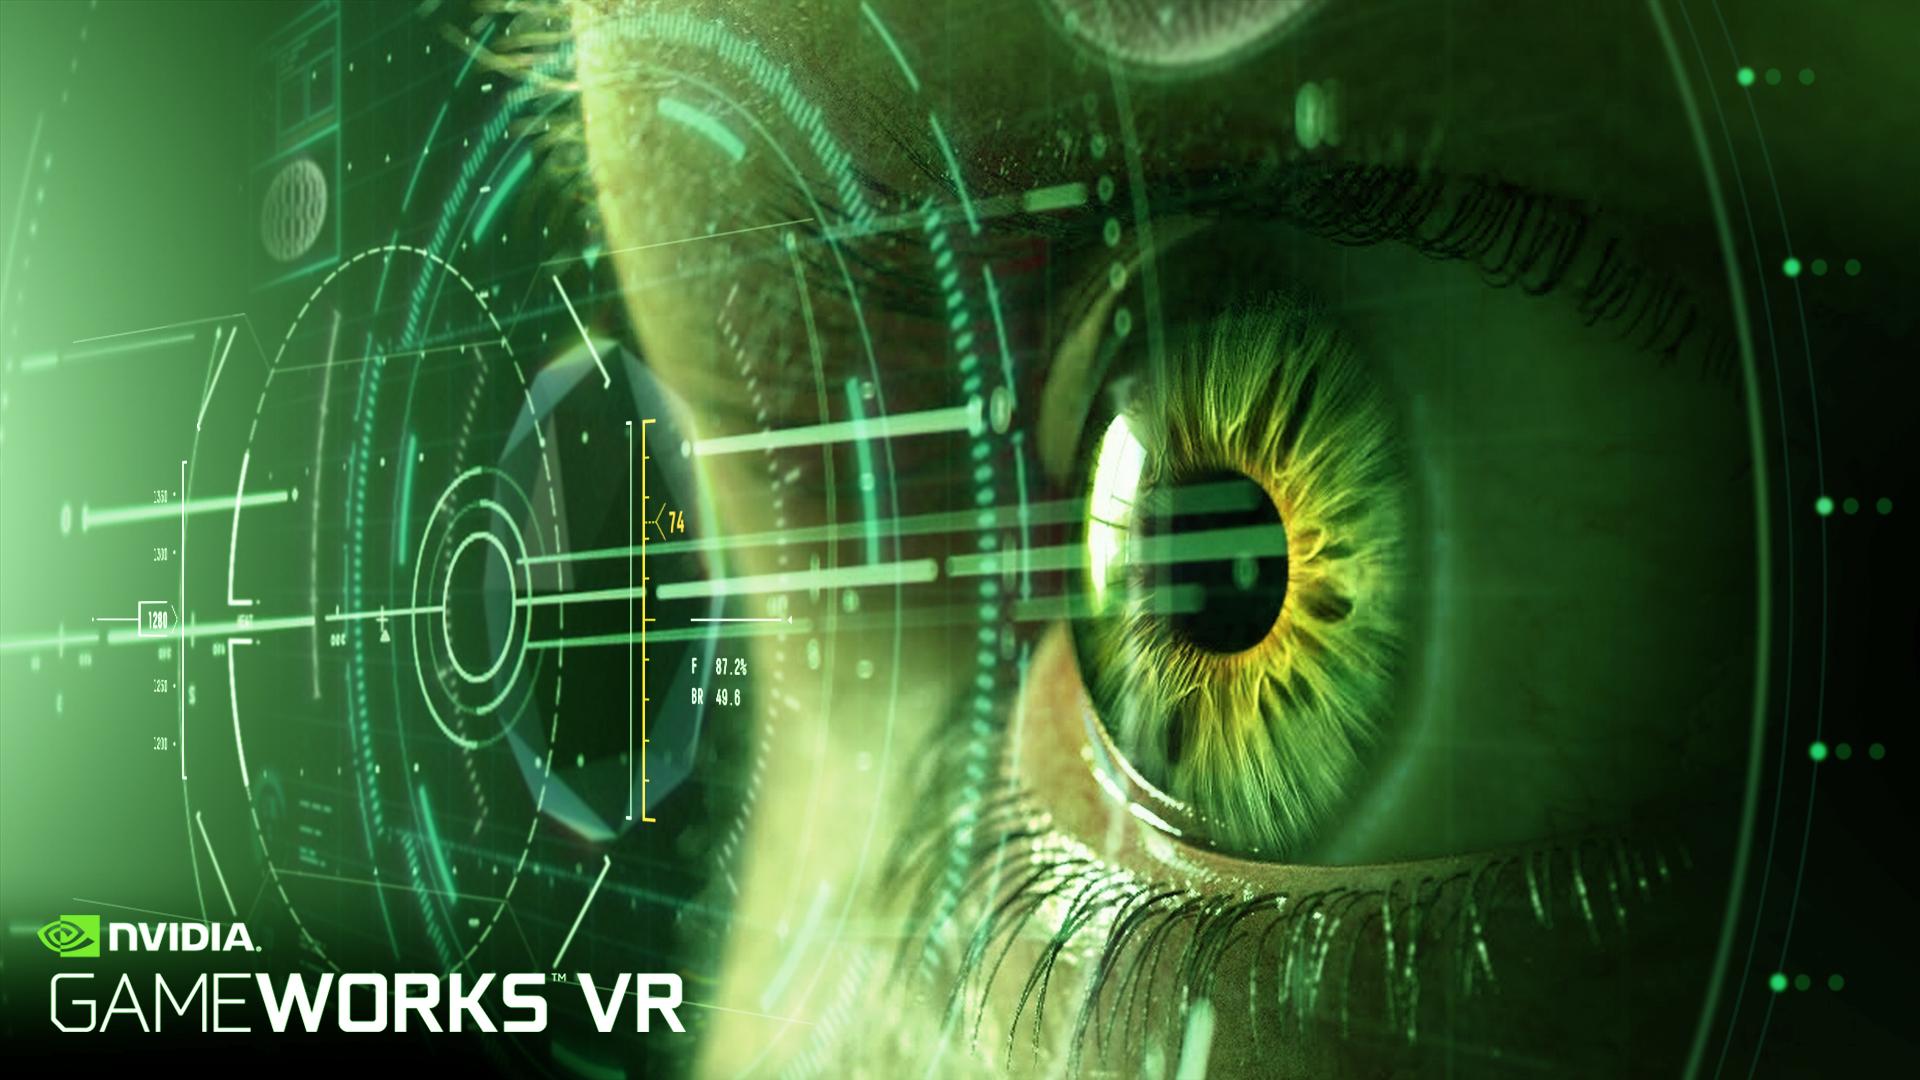 NVIDIA、VRコンテンツ開発SDK「GameWorks VR」をリリース